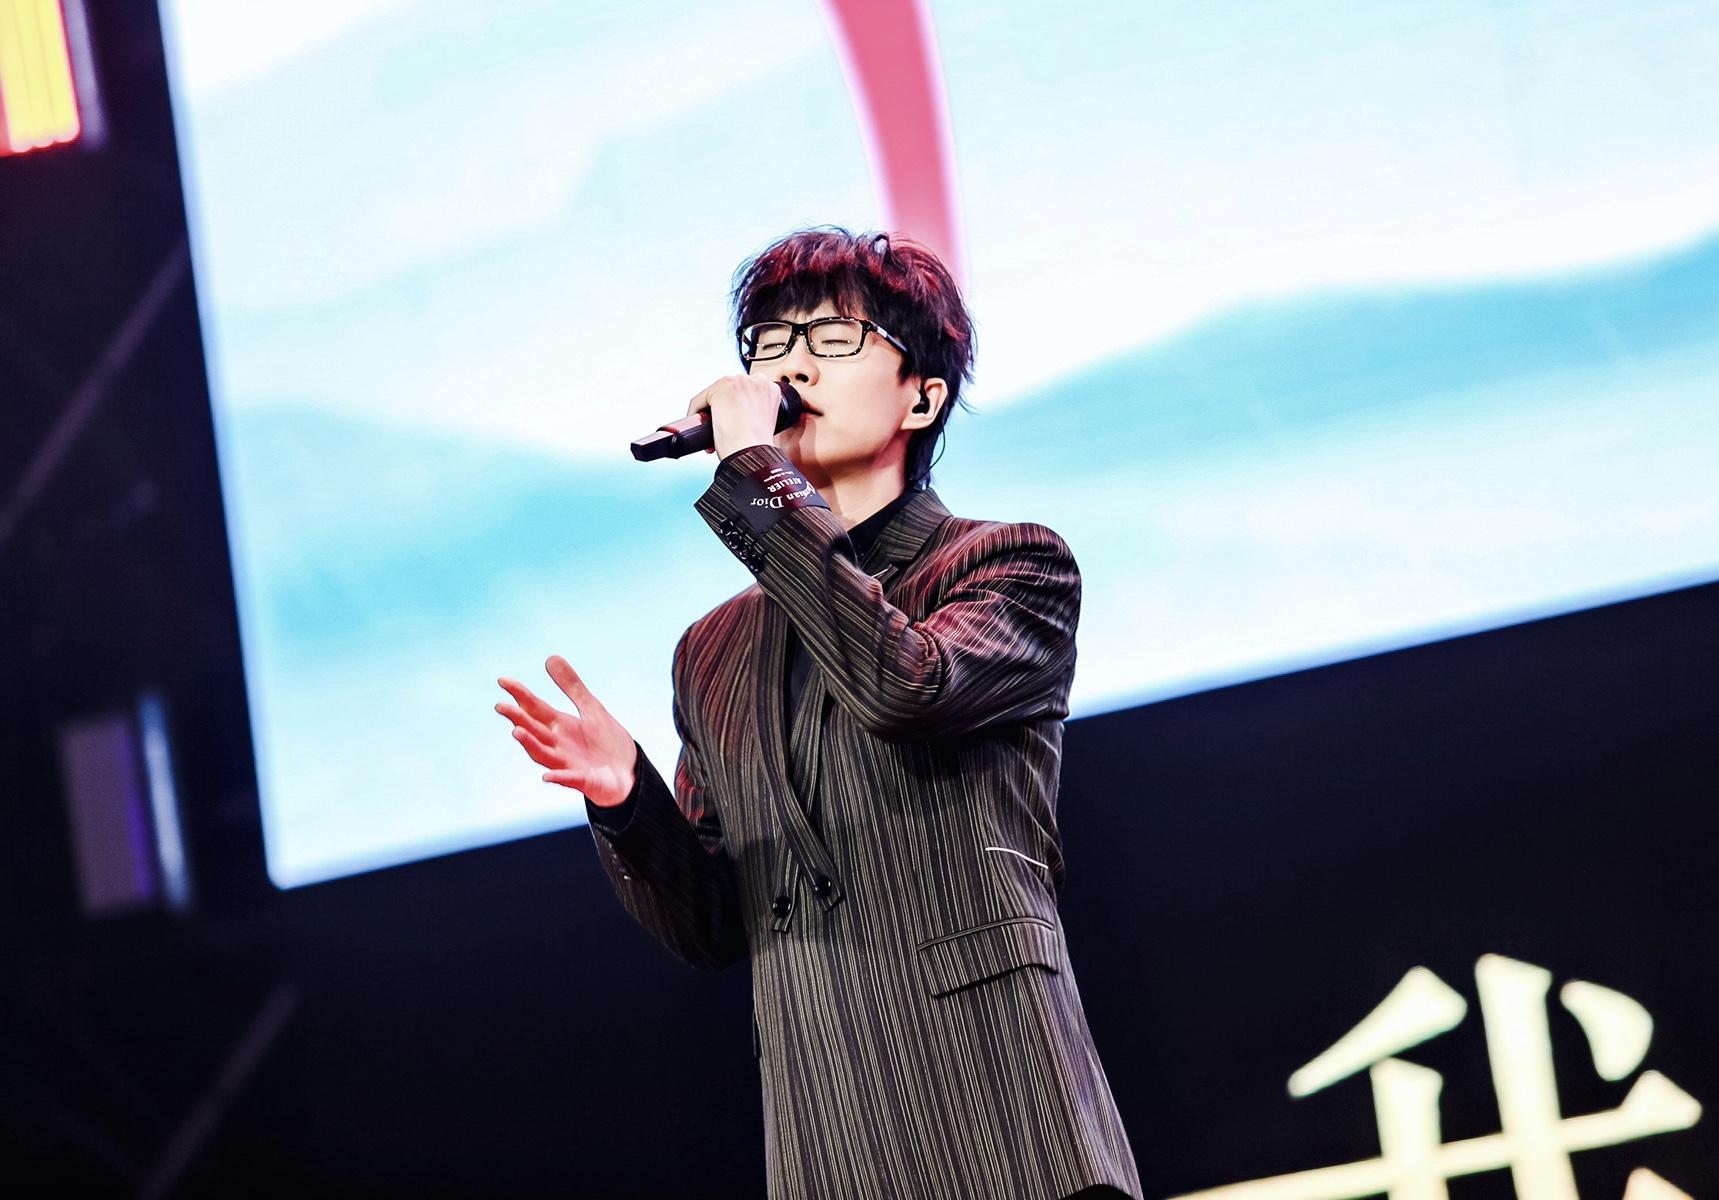 《新天龙八部》嘉年华完美收官,许嵩全新主题曲《雨幕》首度开唱  第2张